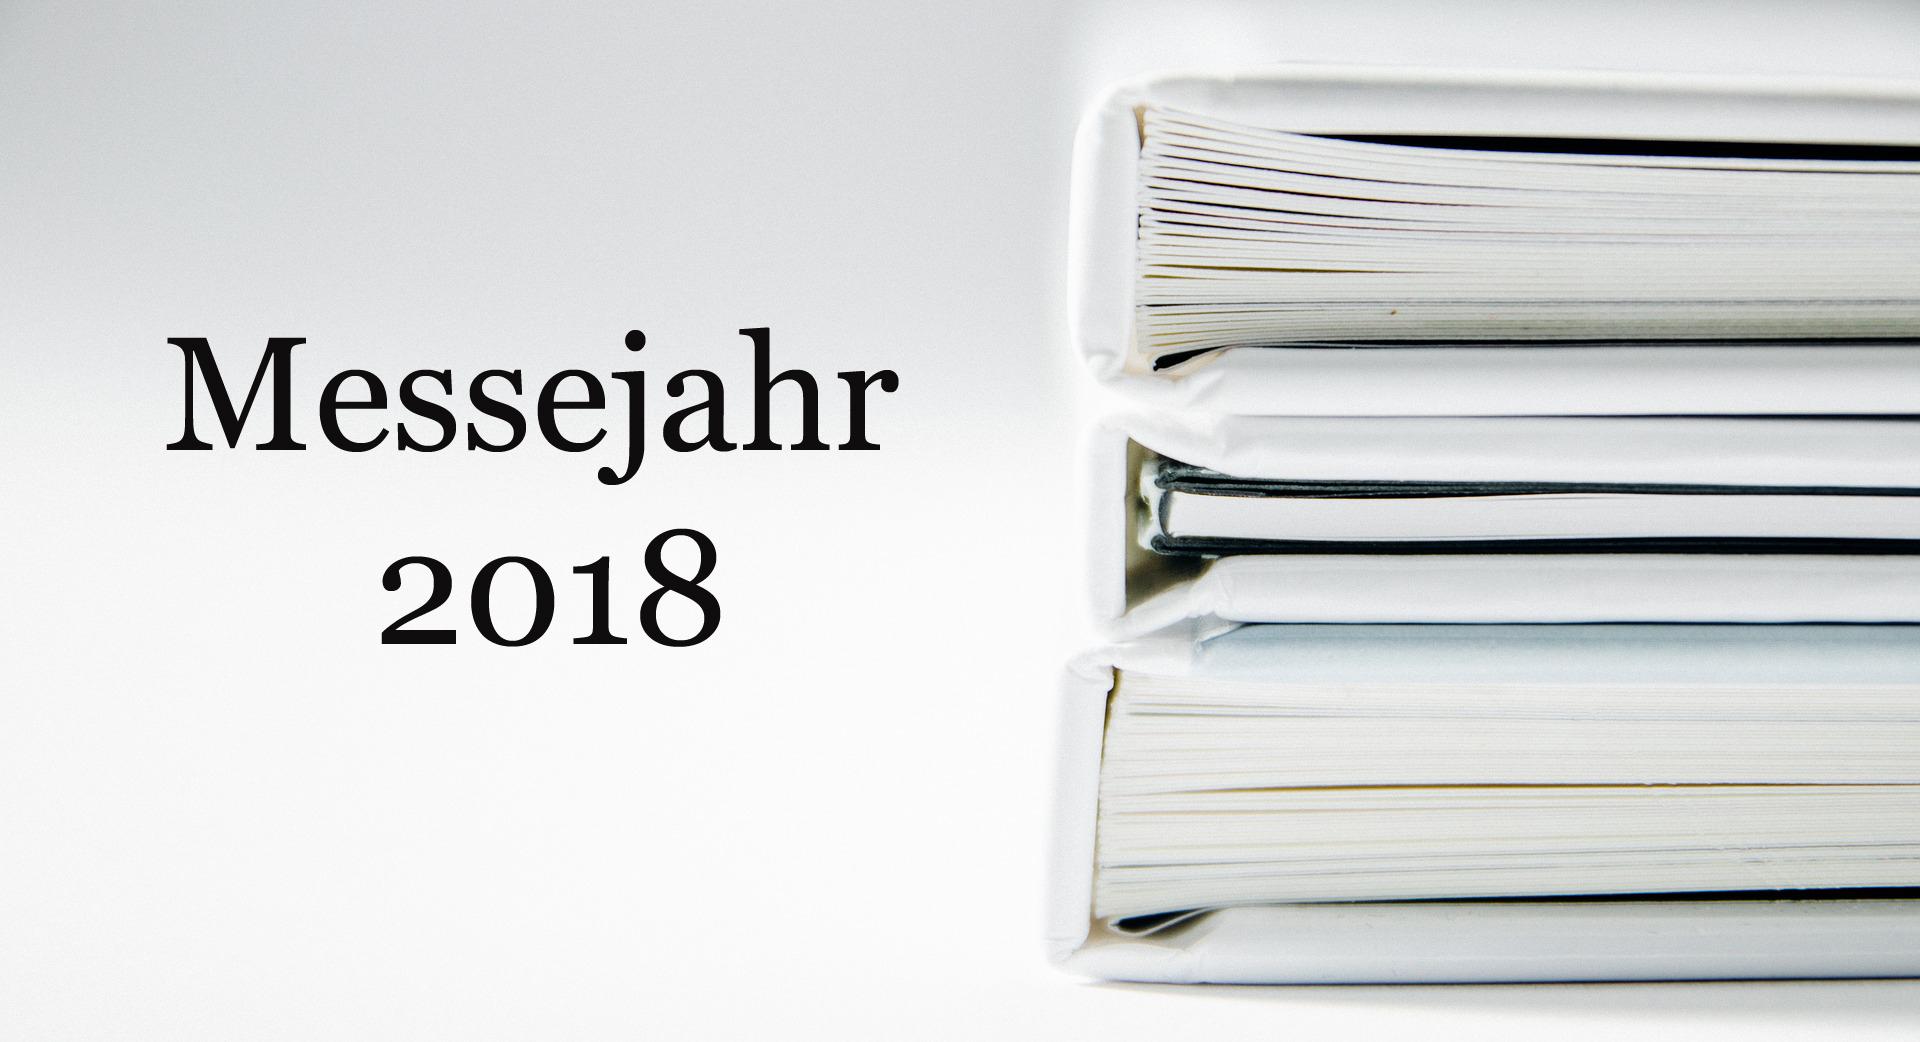 Messejahr 2018